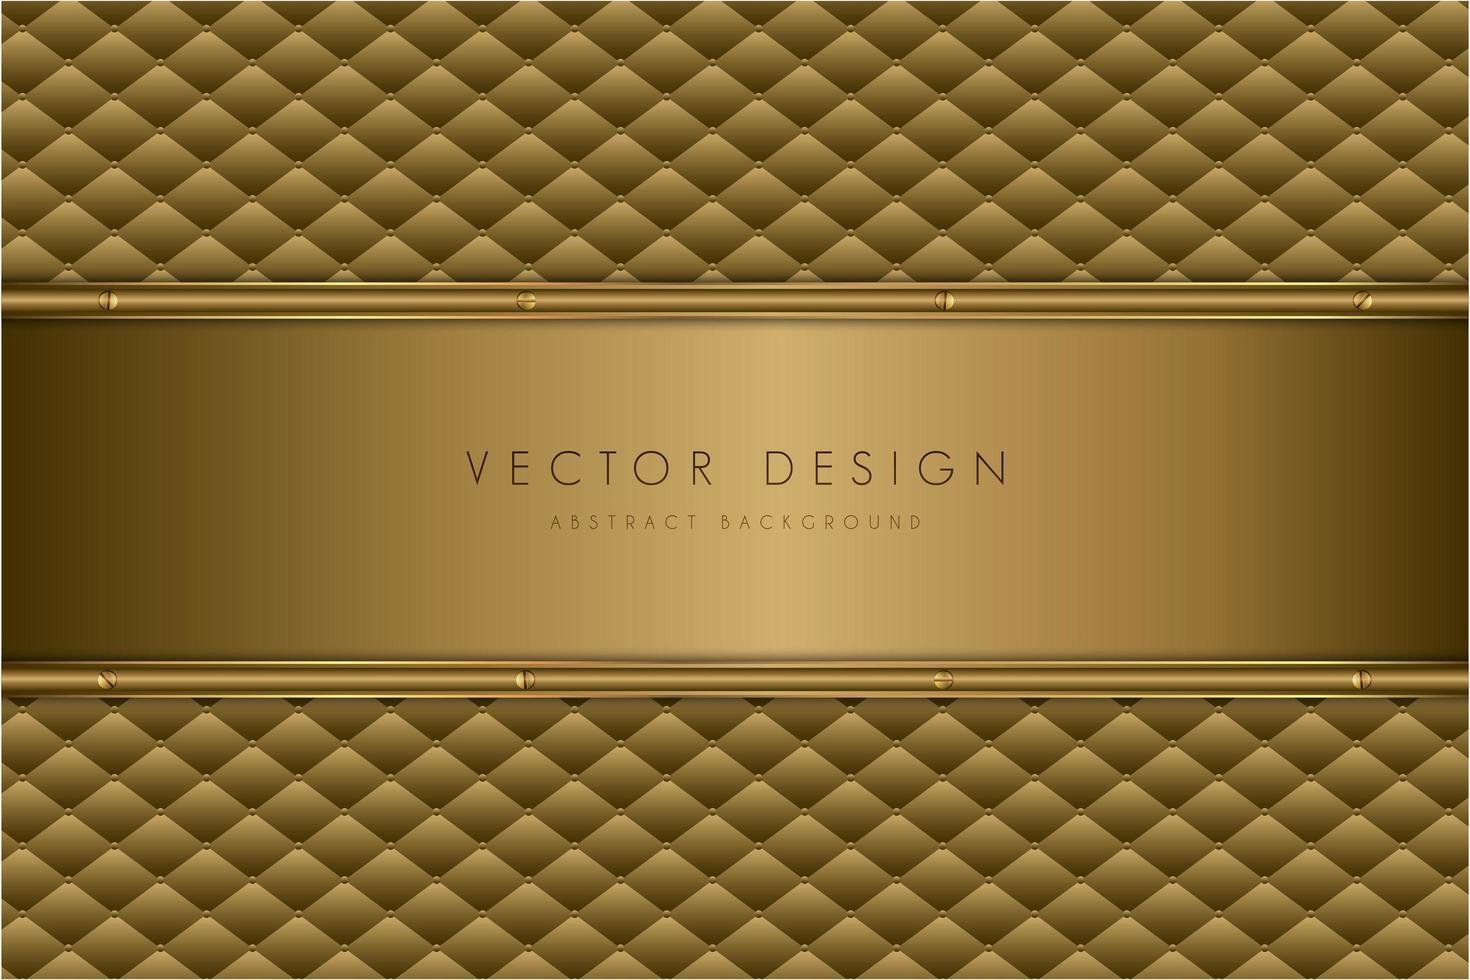 texture en métal doré de luxe avec rembourrage. vecteur